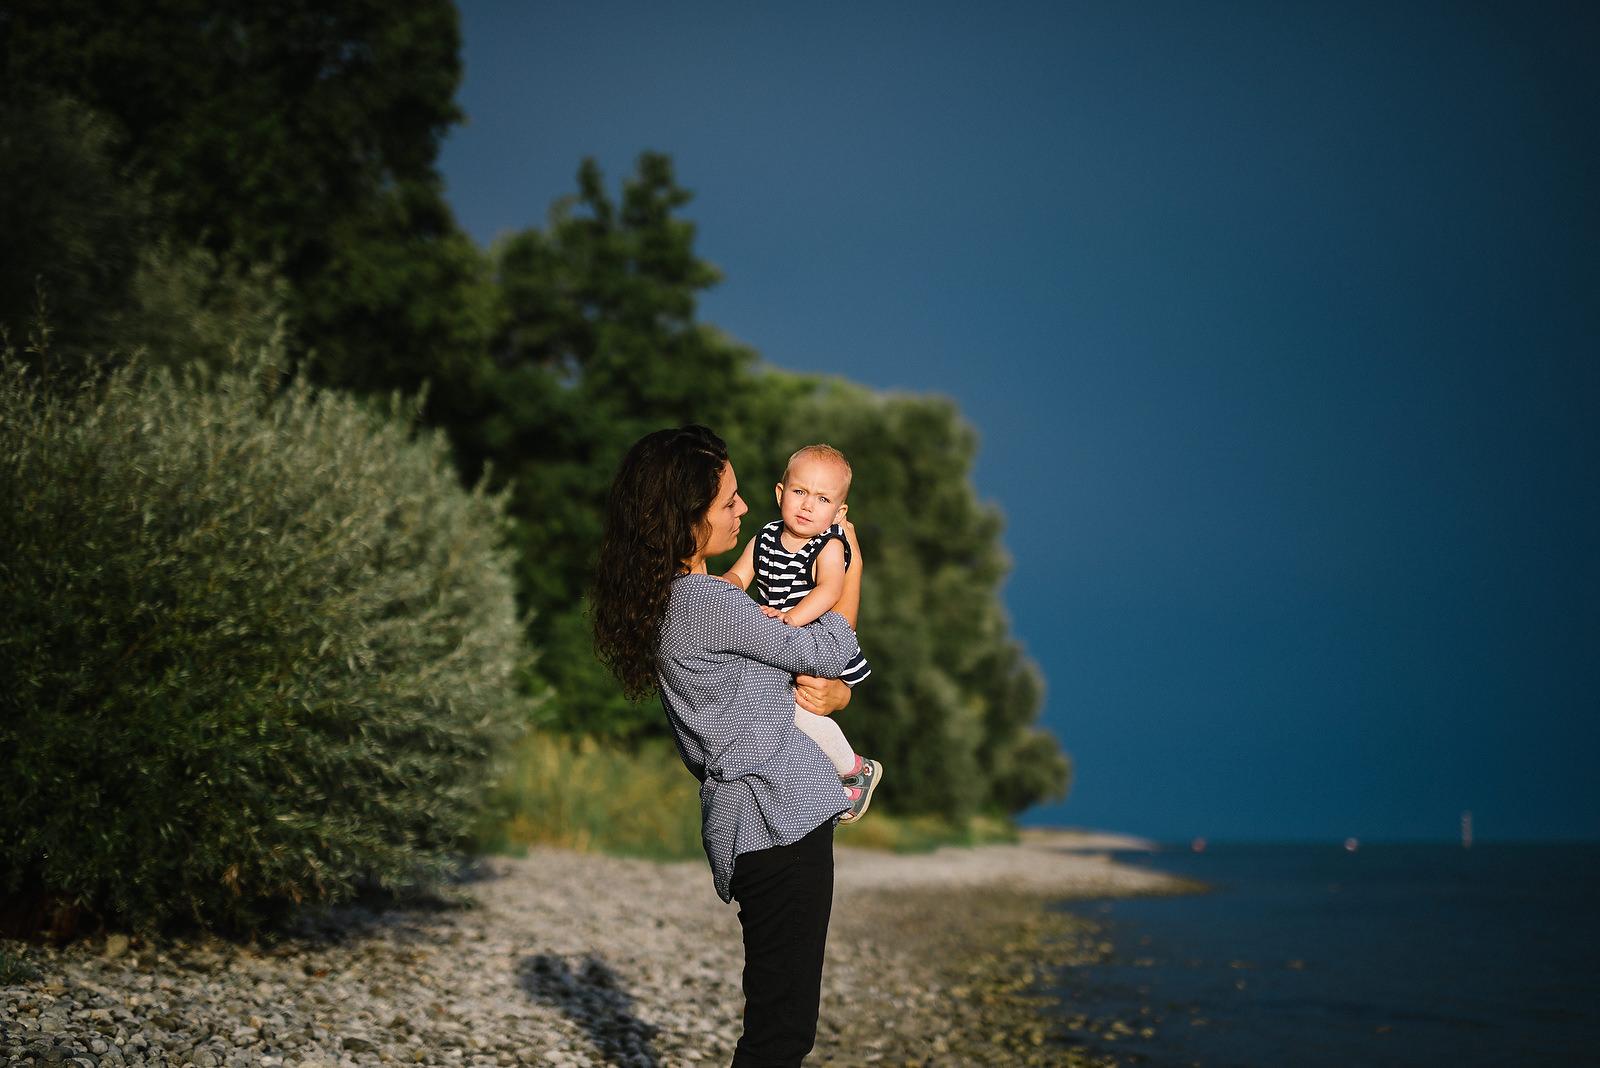 Fotograf Konstanz - Familienbilder Familien Musiker Baby Paar Shooting Konstanz EFP 14 - Familienbilder am Bodenseeufer bei Konstanz  - 37 -